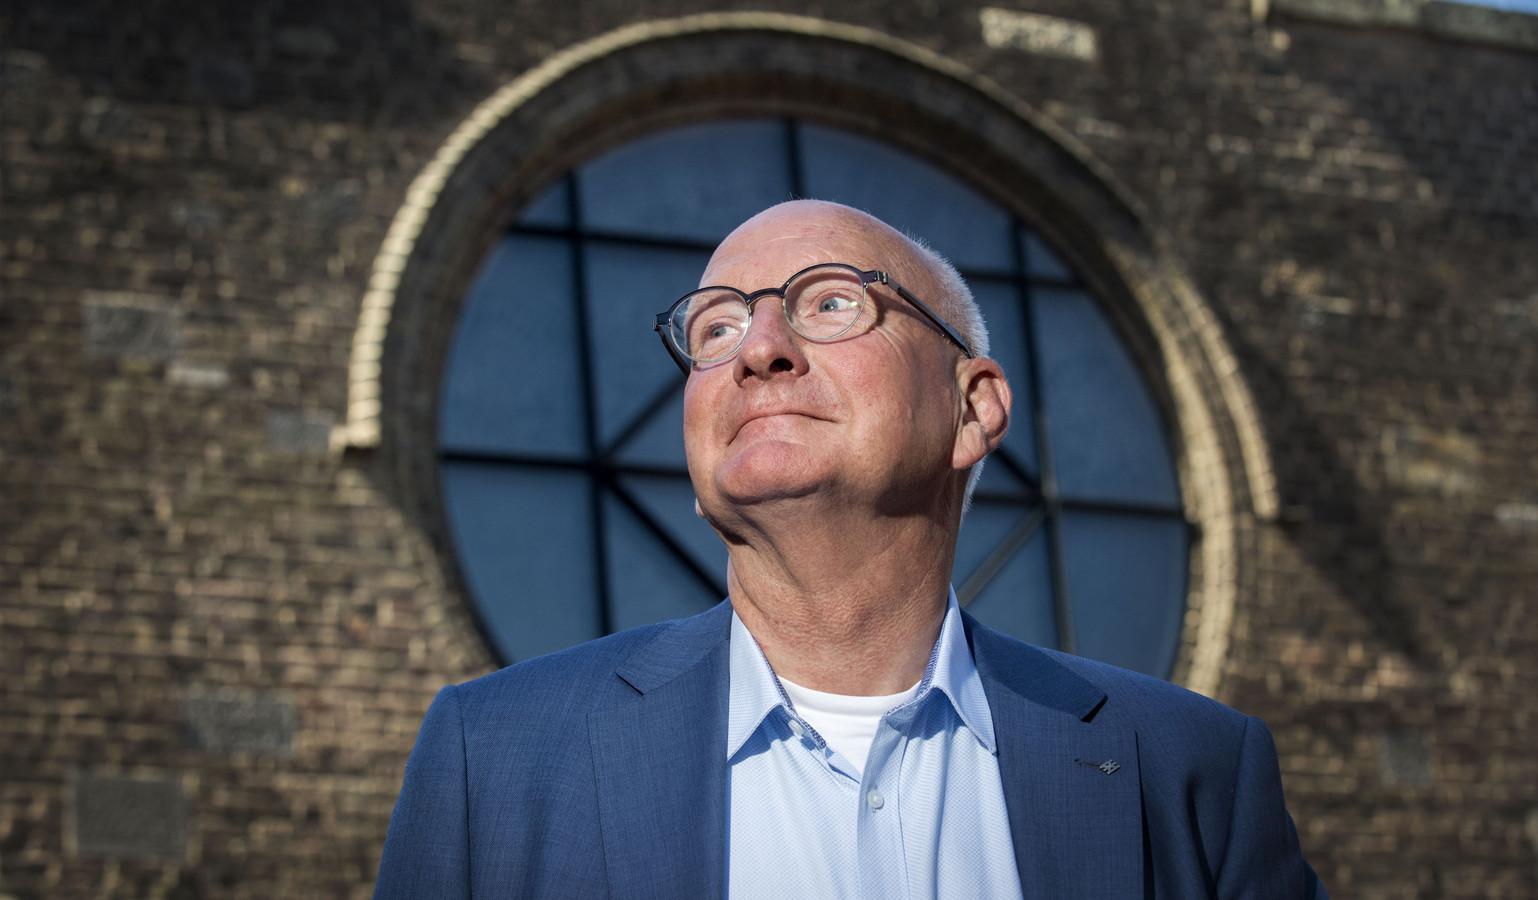 Hans van Agteren, vertrekkend wethouder. Op de achtergrond de Jacobuskerk.